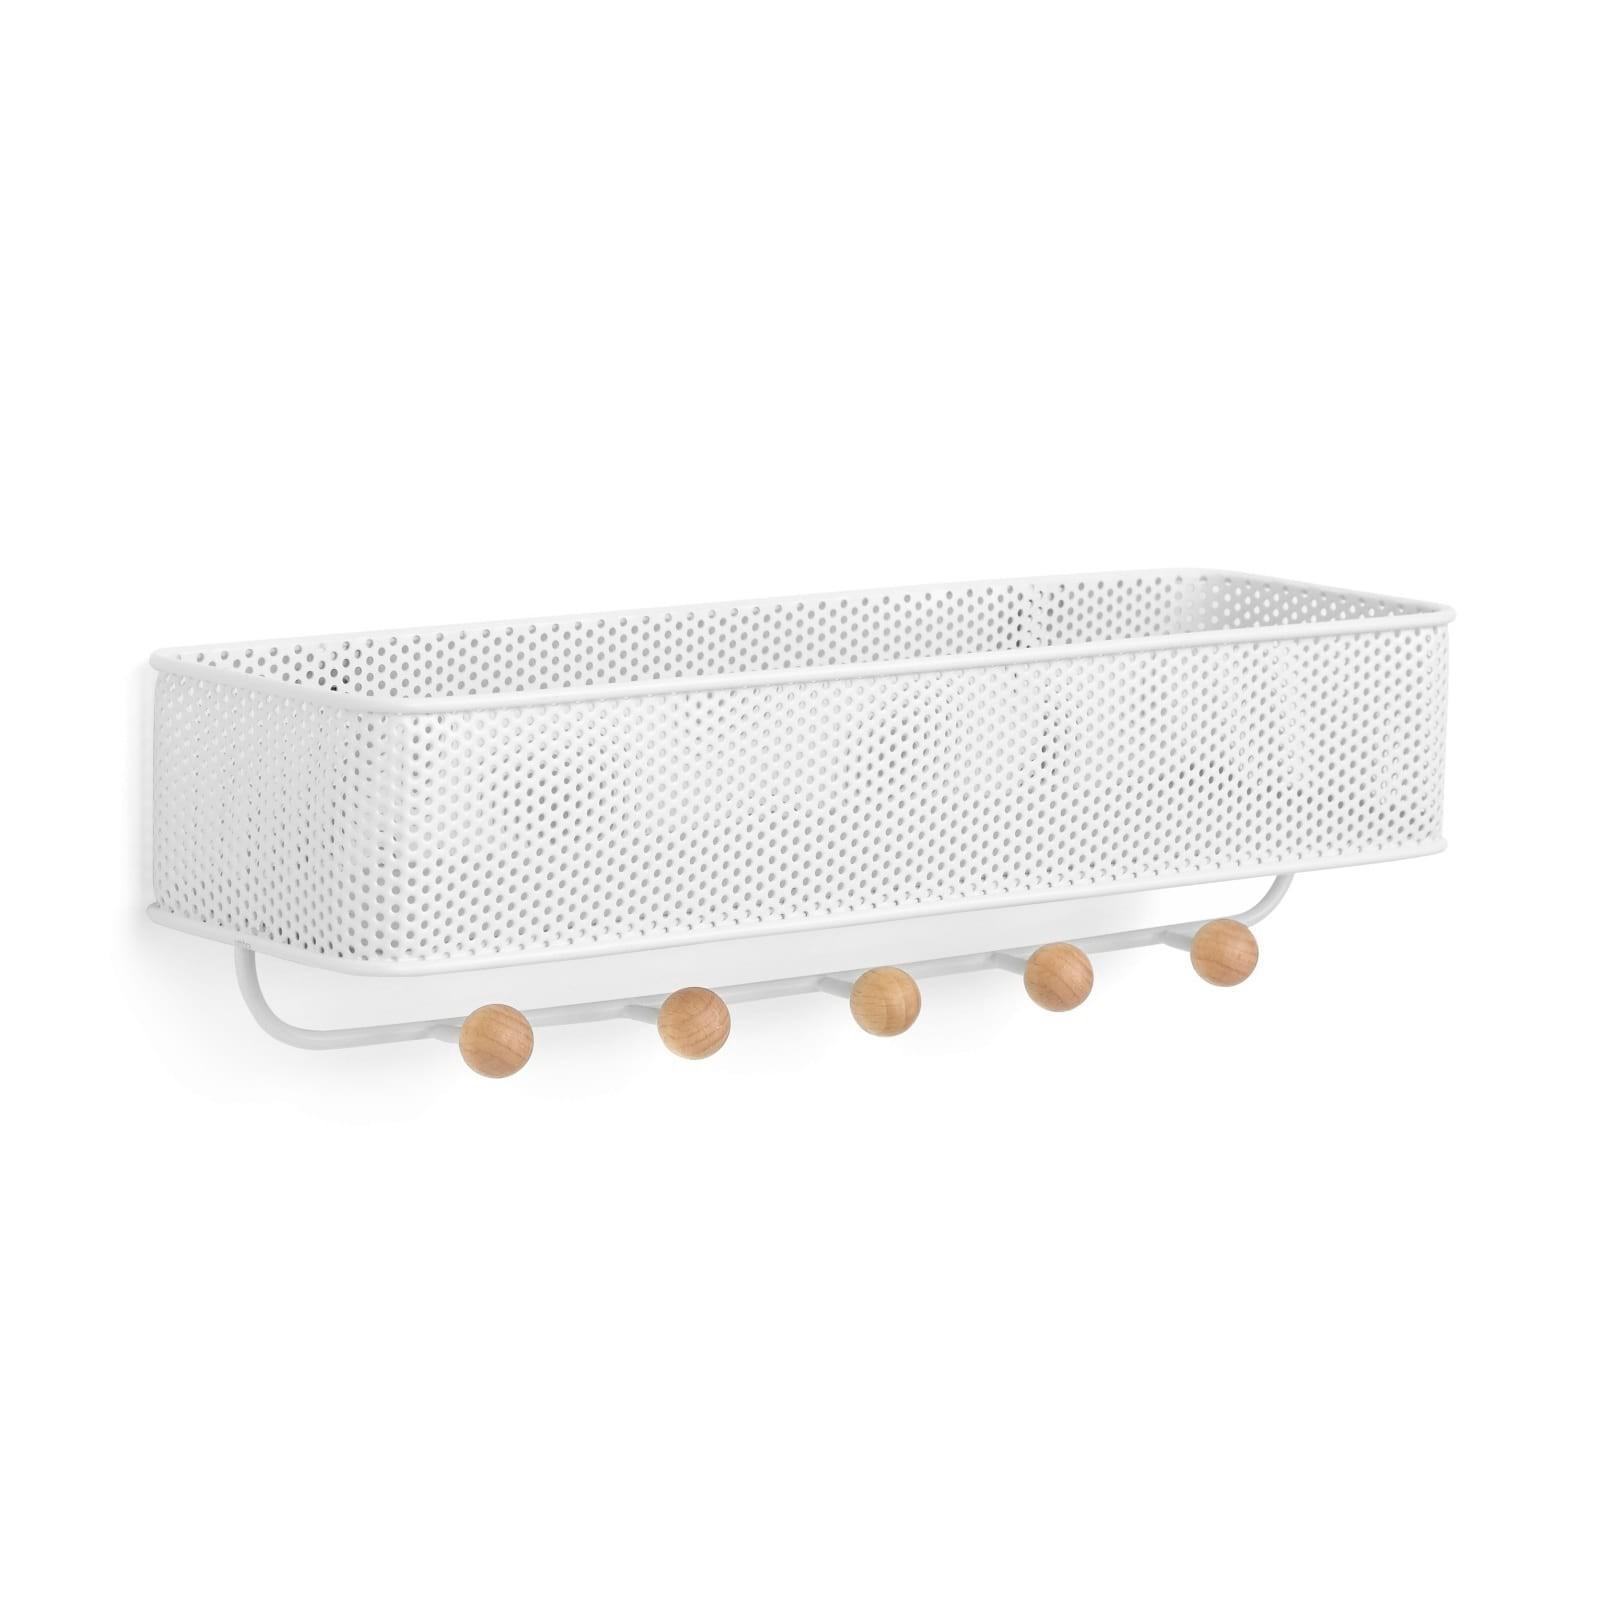 Ράφι Τοίχου με Κλειδοθήκη Estique (Λευκό) - Umbra